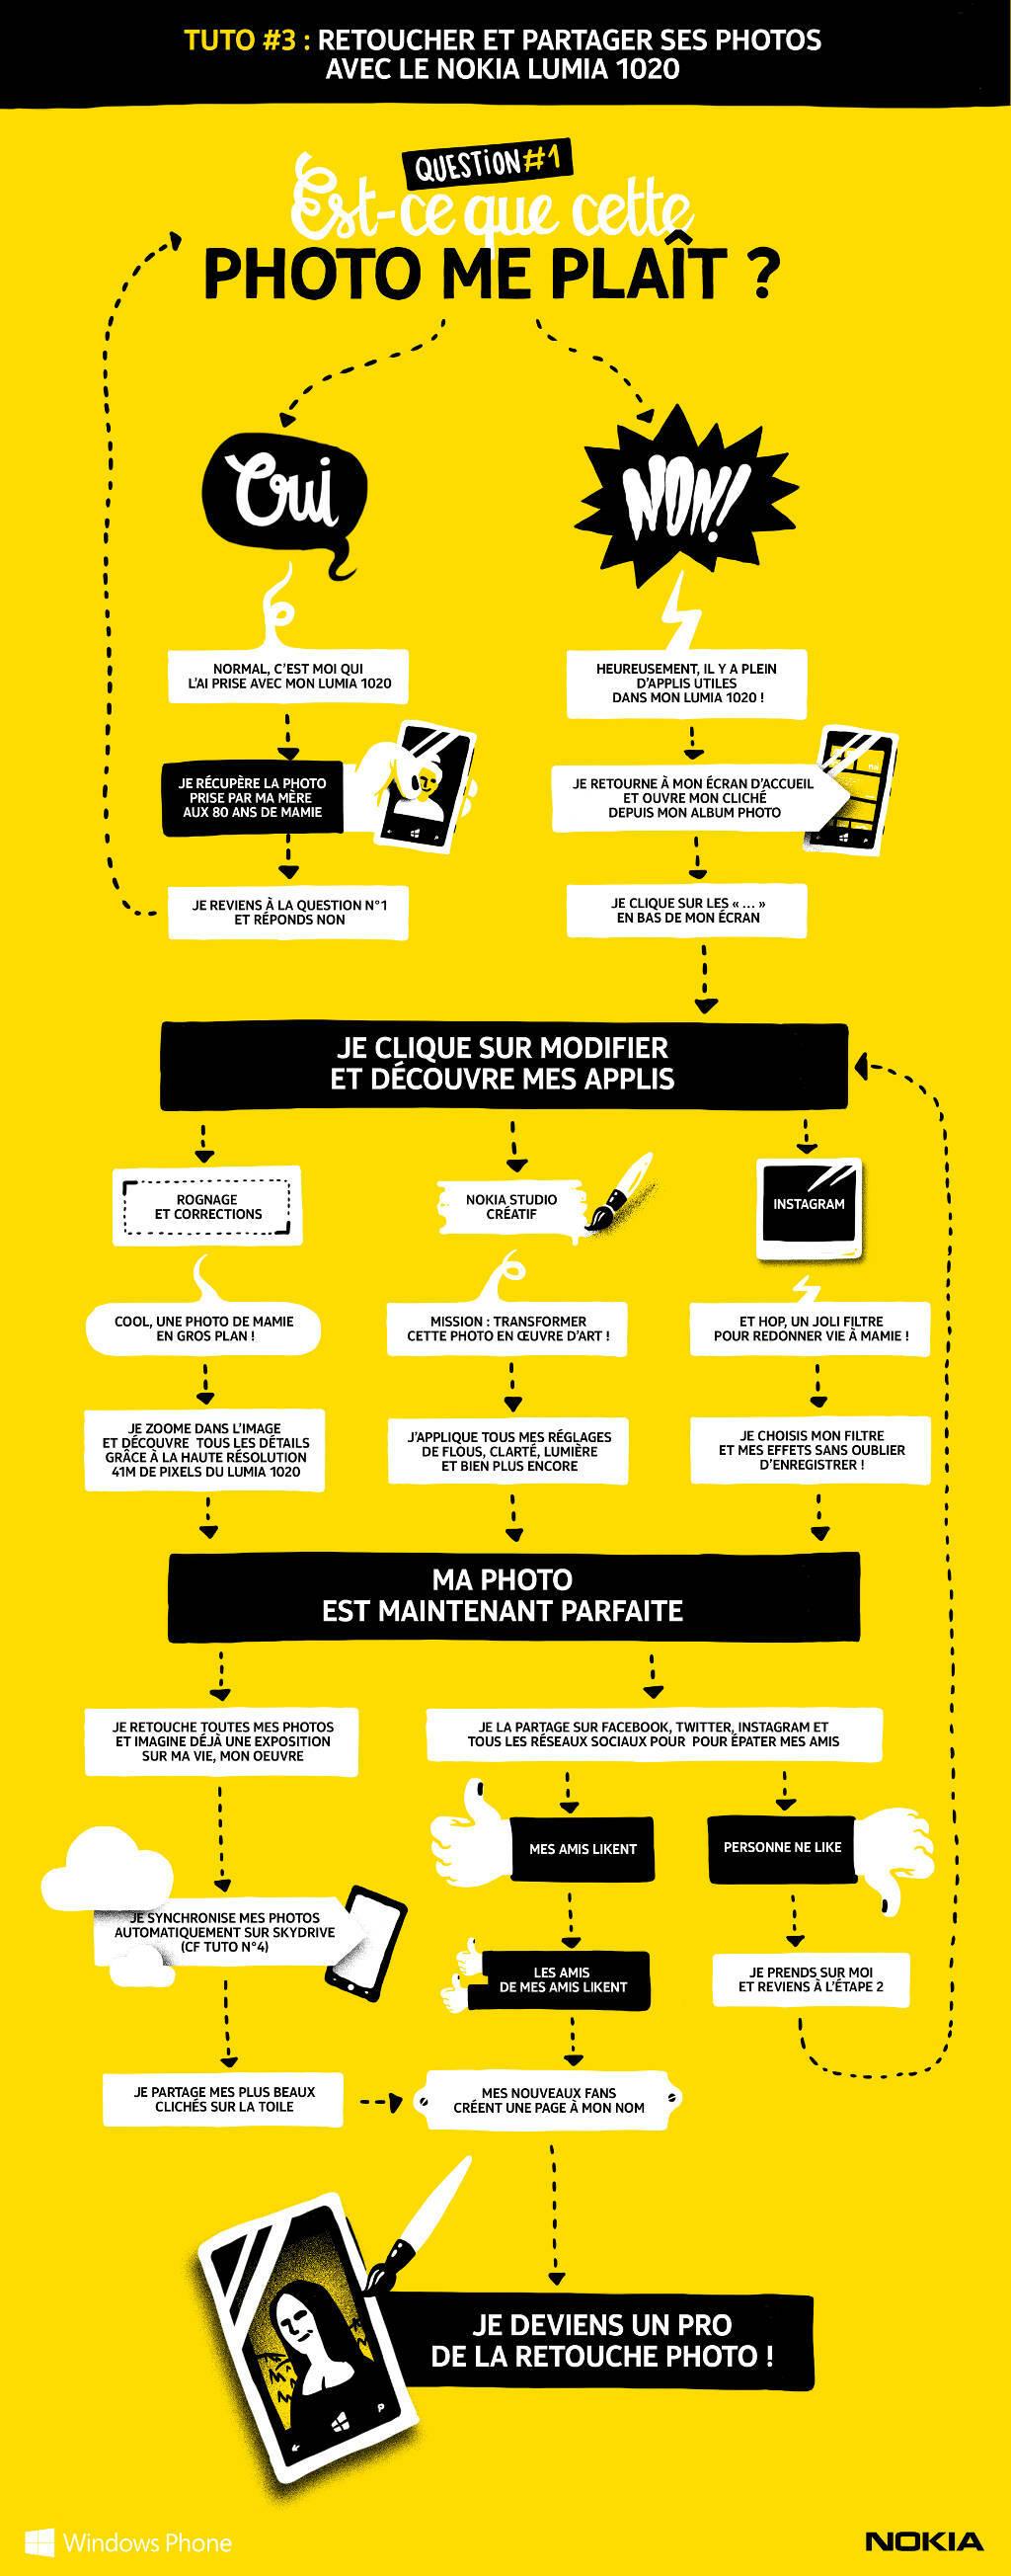 [Infographie #3] Retoucher et partager ses photos avec le Nokia Lumia 1020